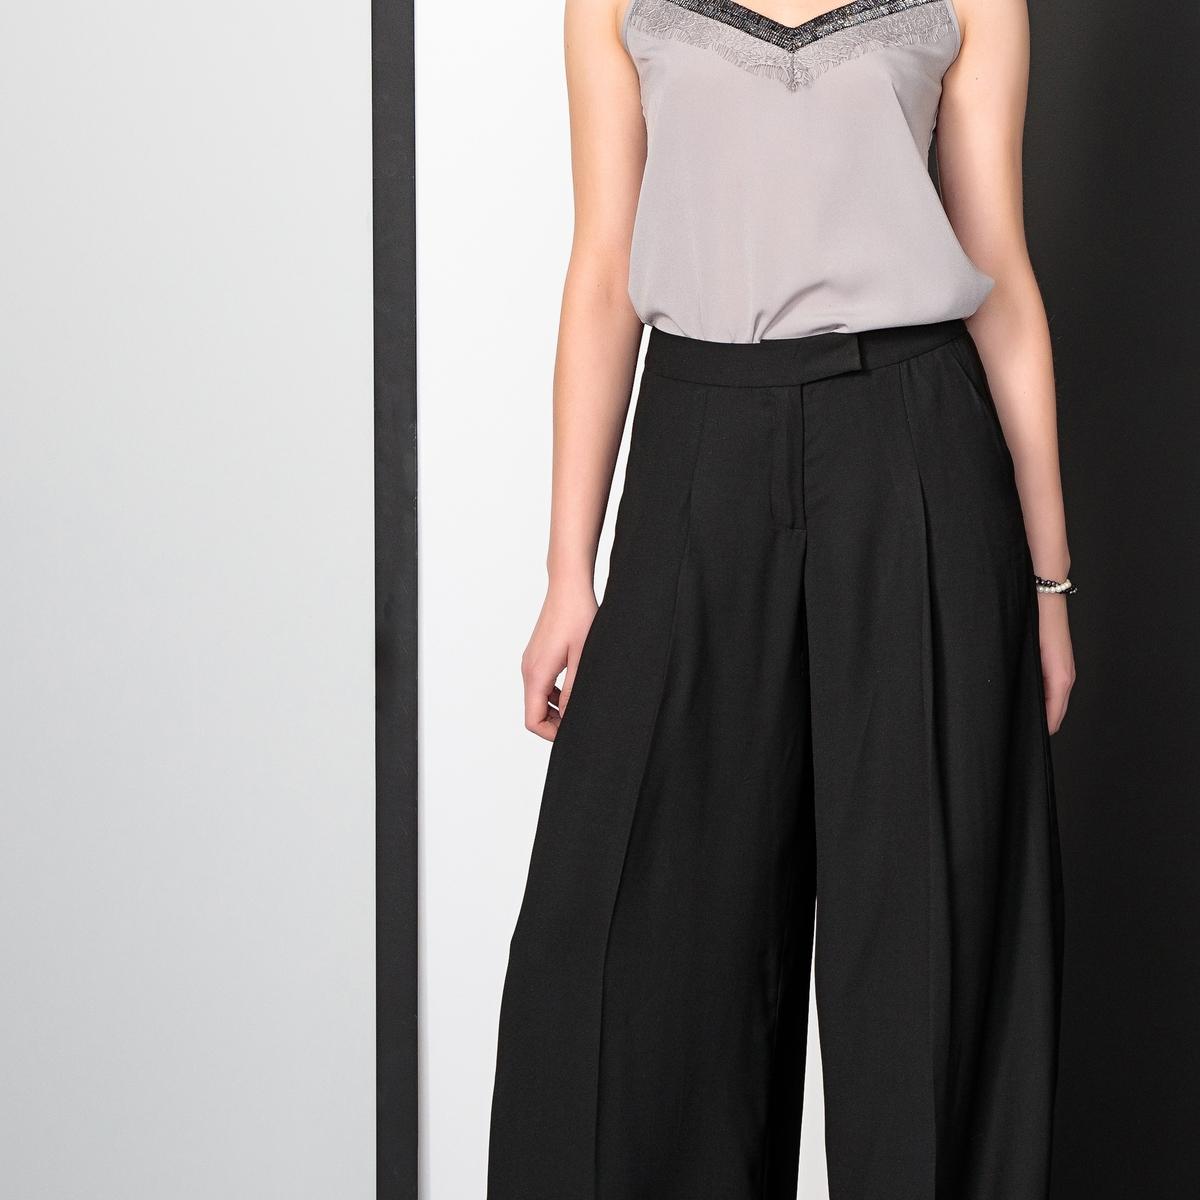 Imagen adicional 3 de producto de Pantalón urbano ancho de sarga stretch - Anne weyburn